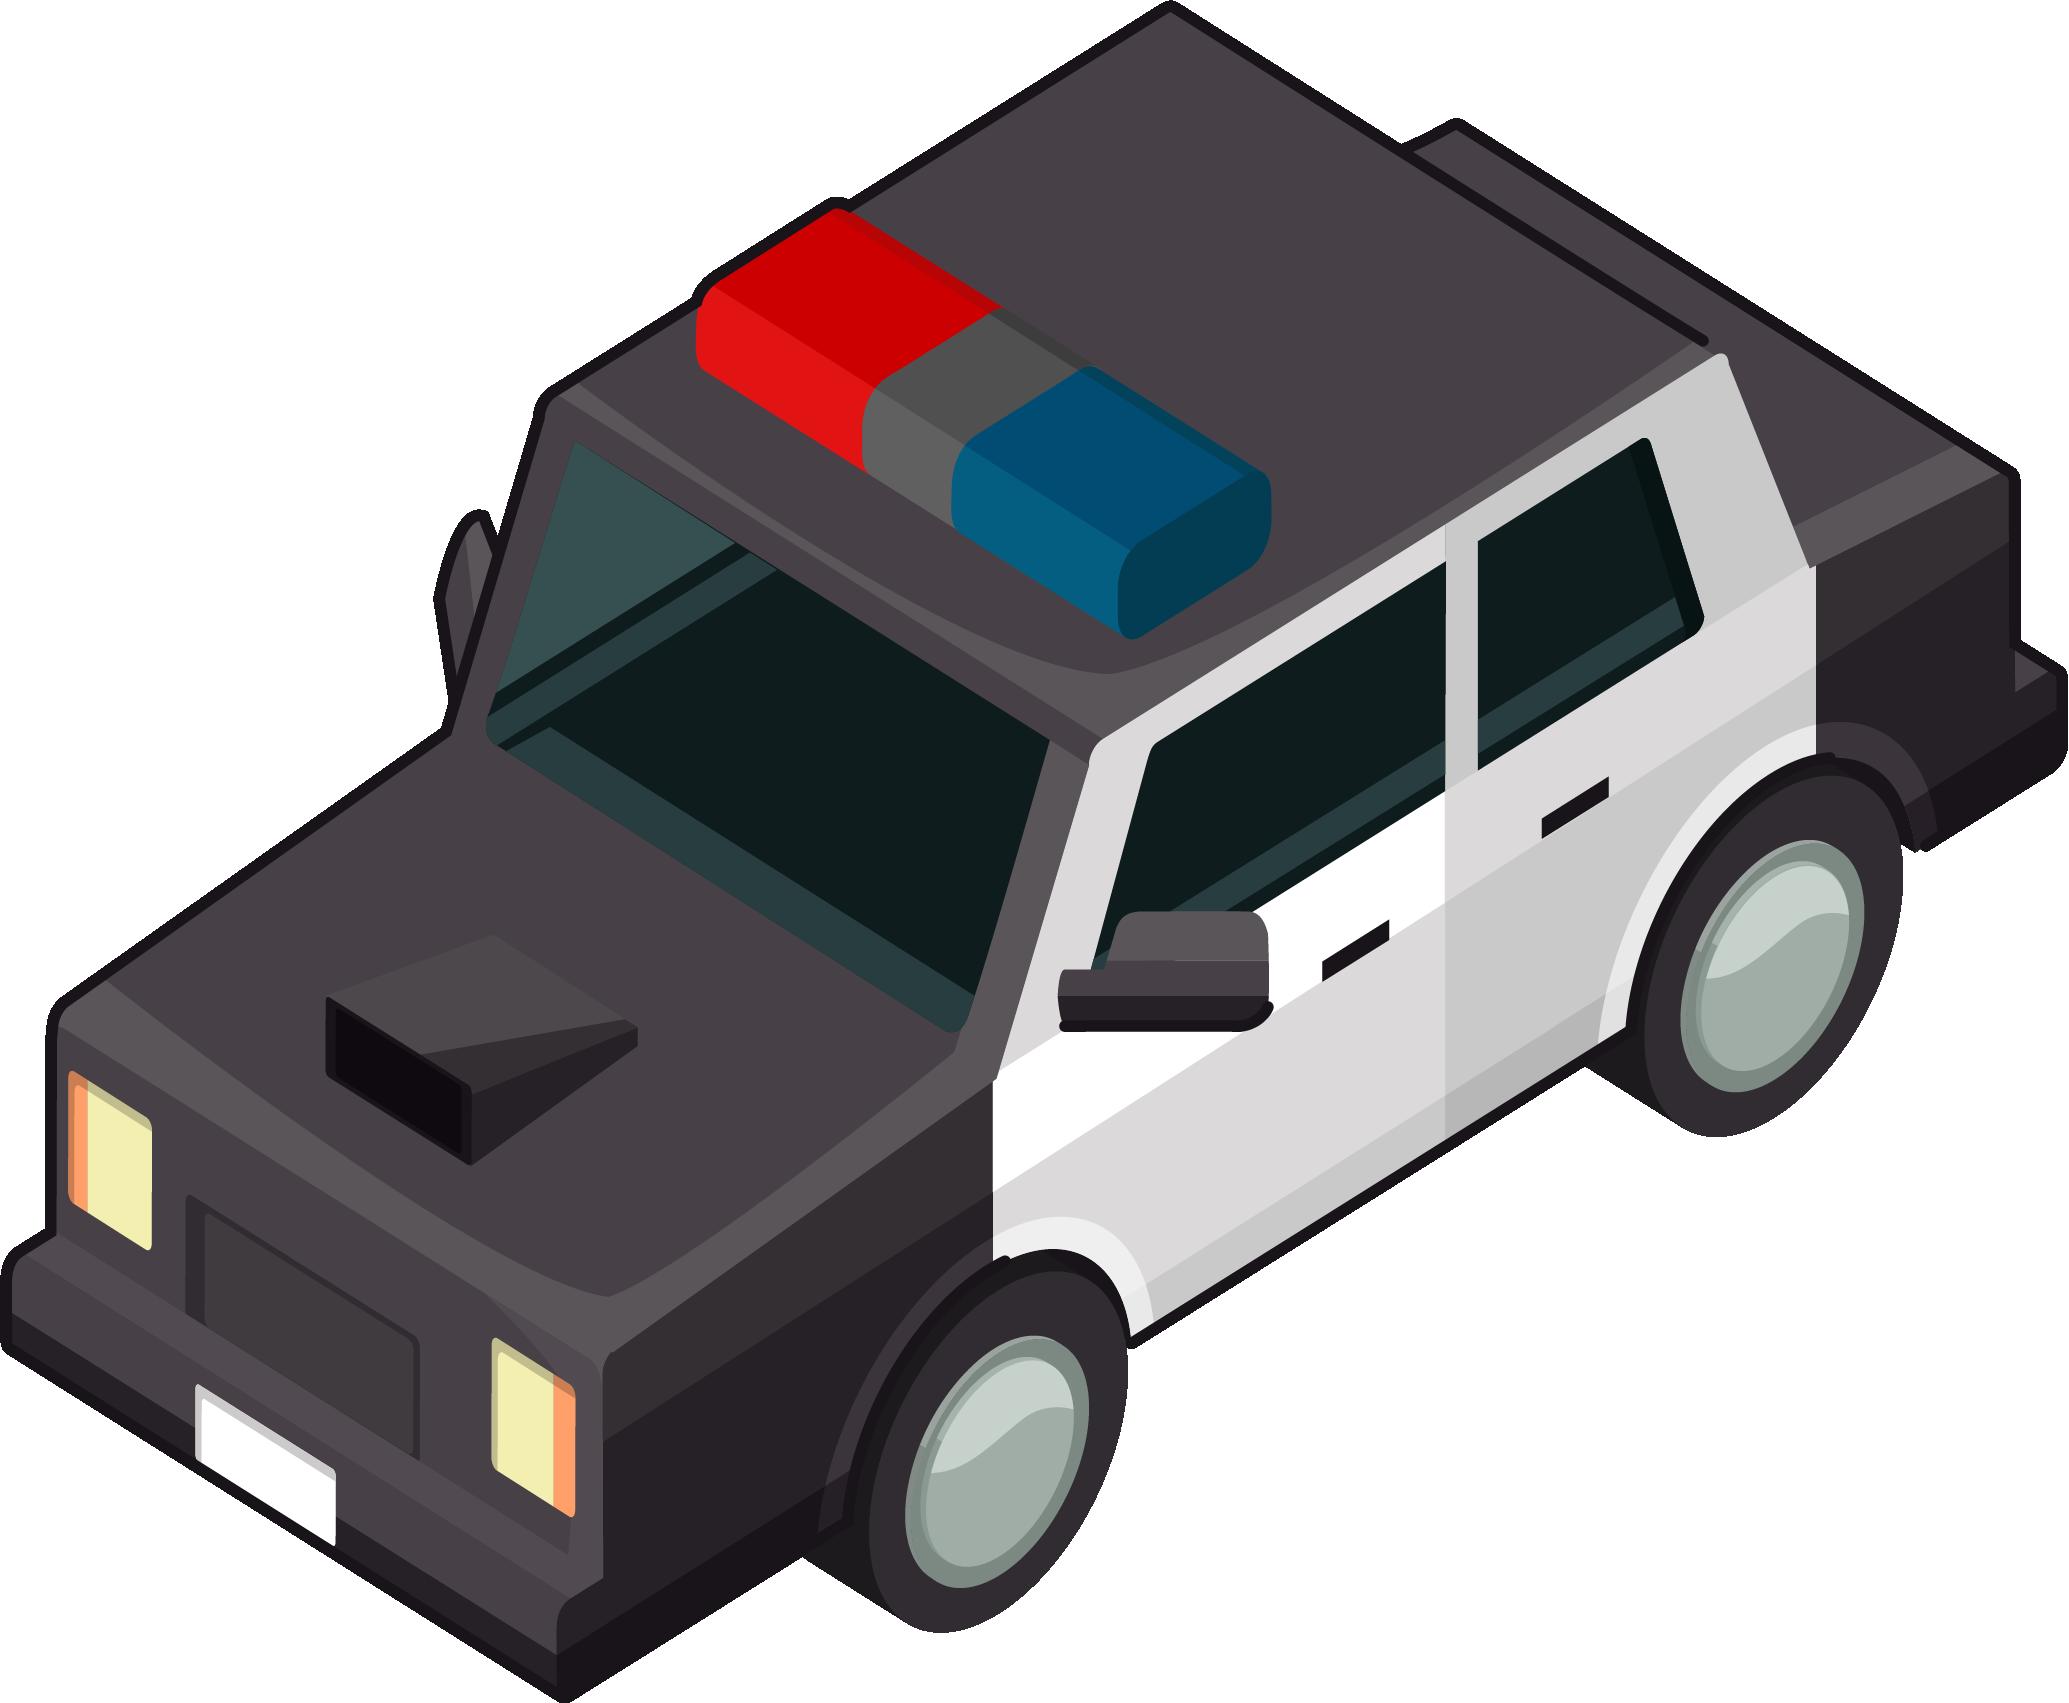 2069x1703 Car